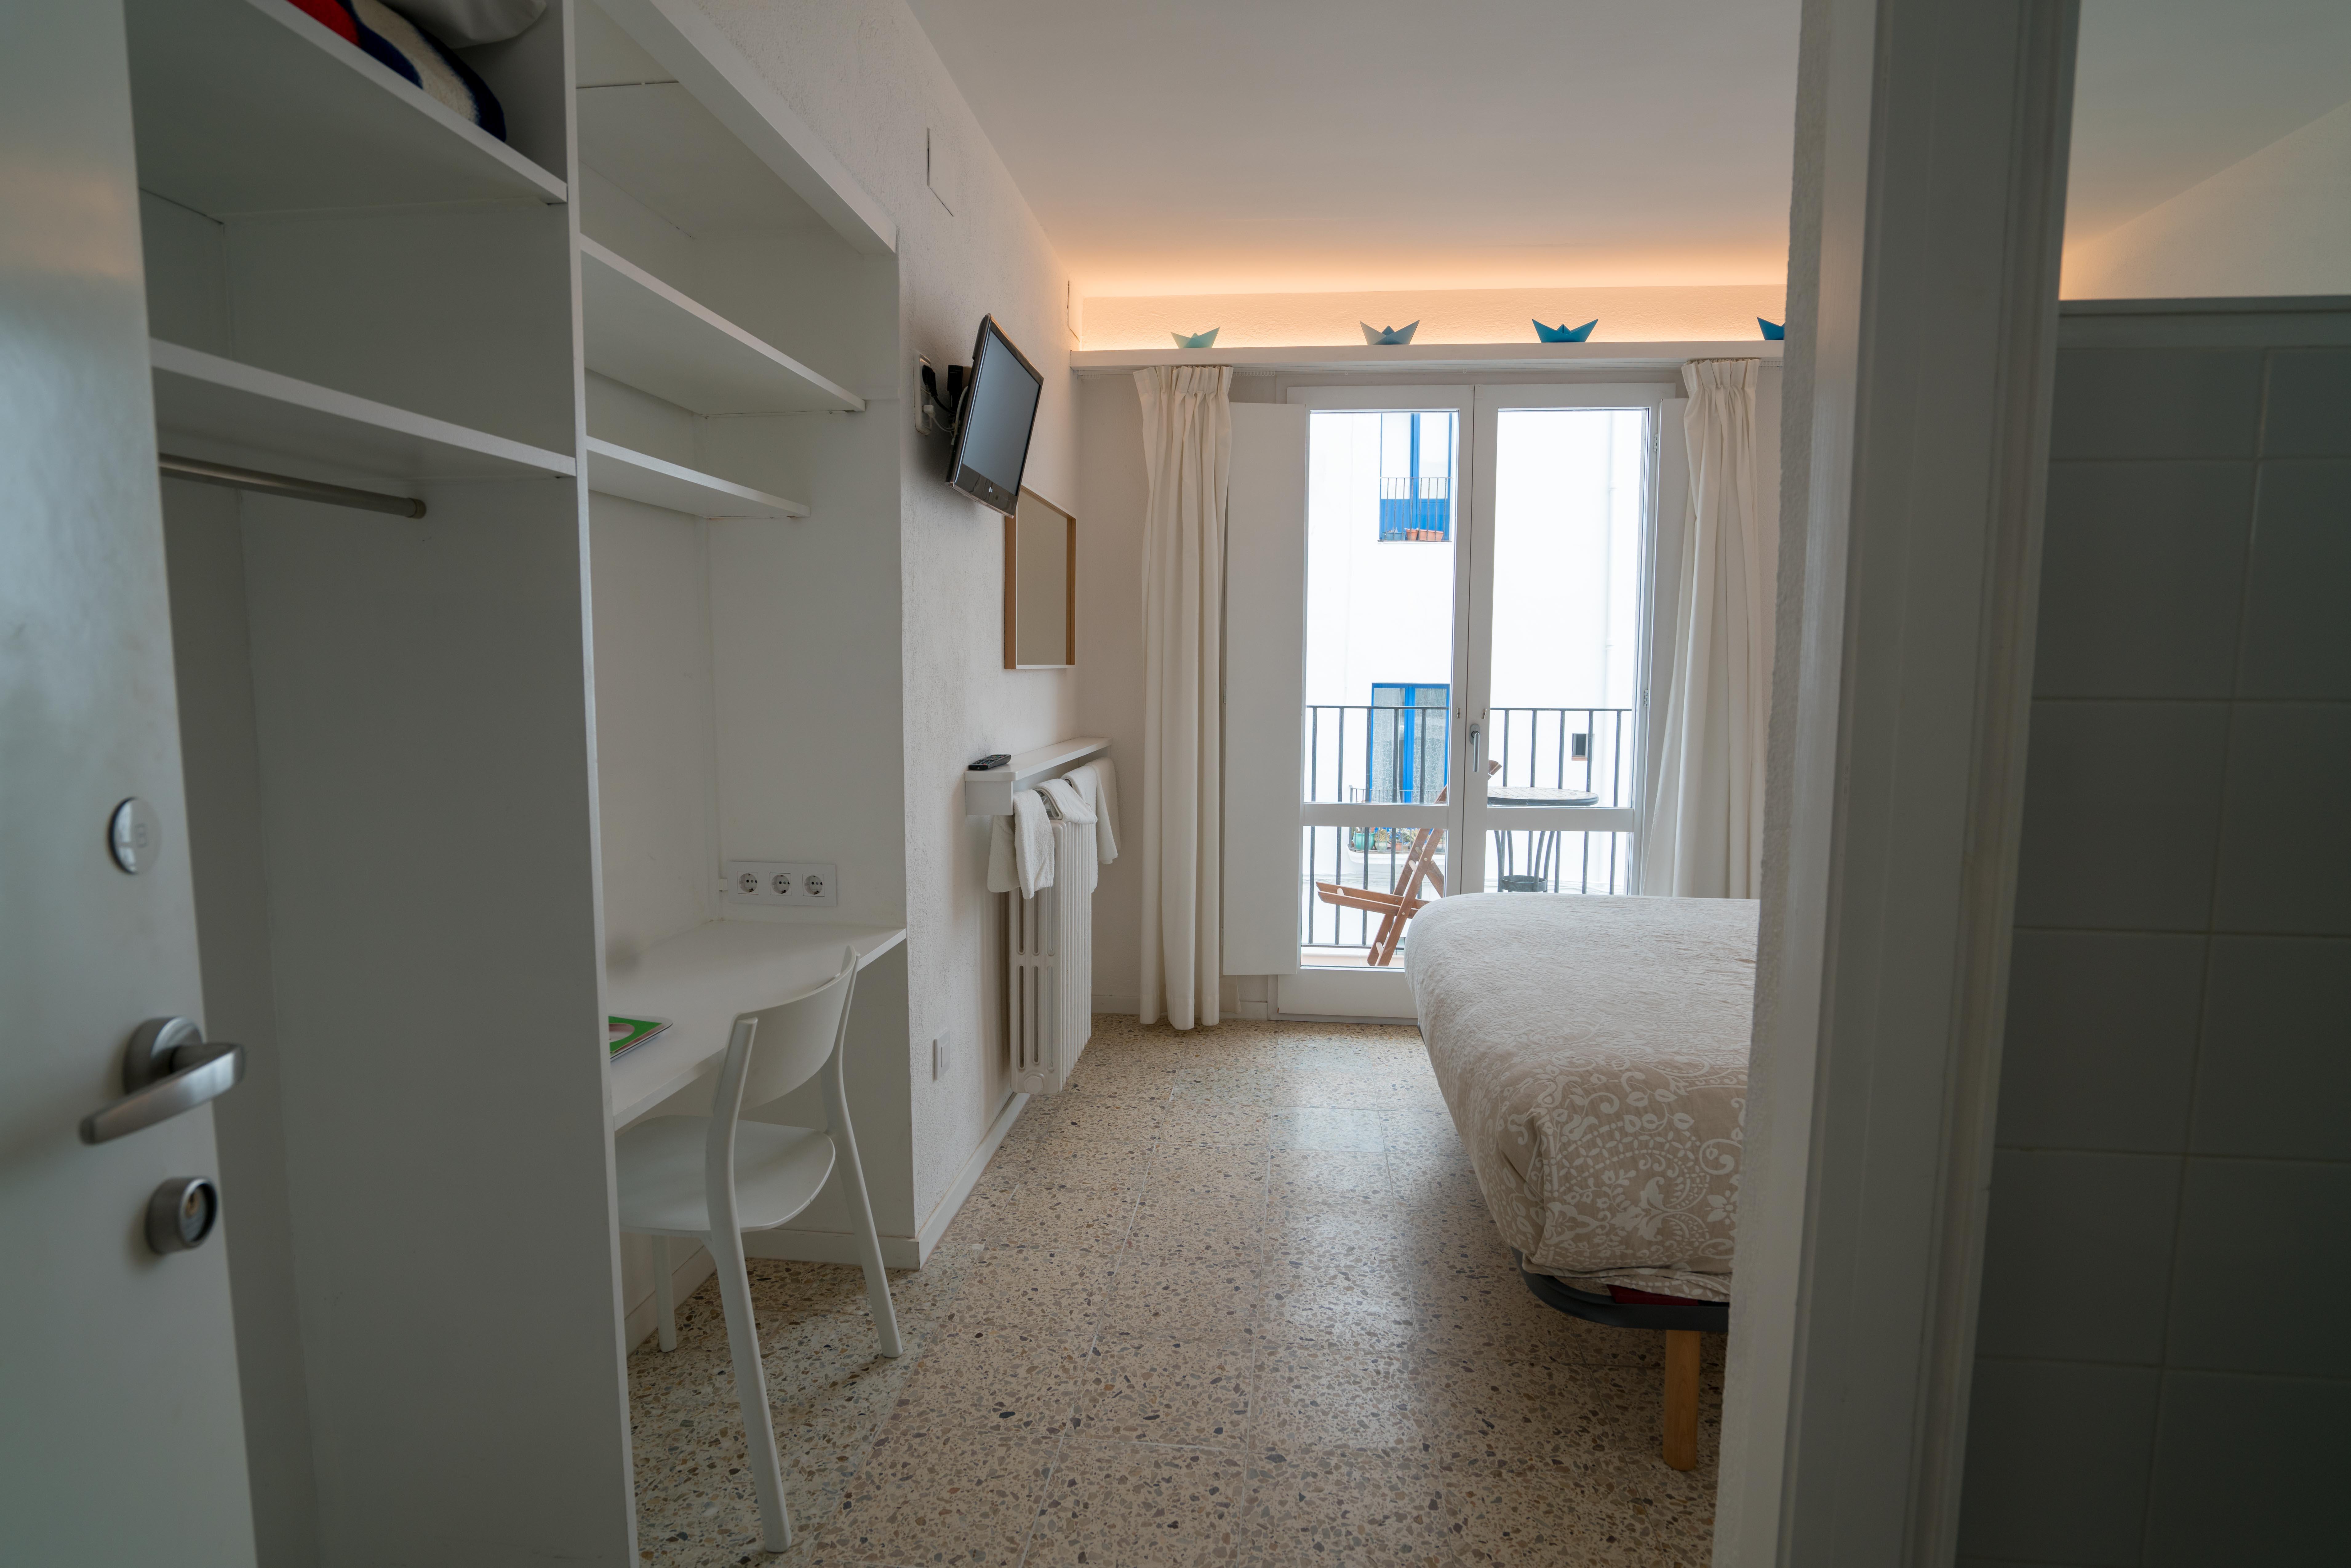 Habitación Doble con balcón y vista lateral al mar ...